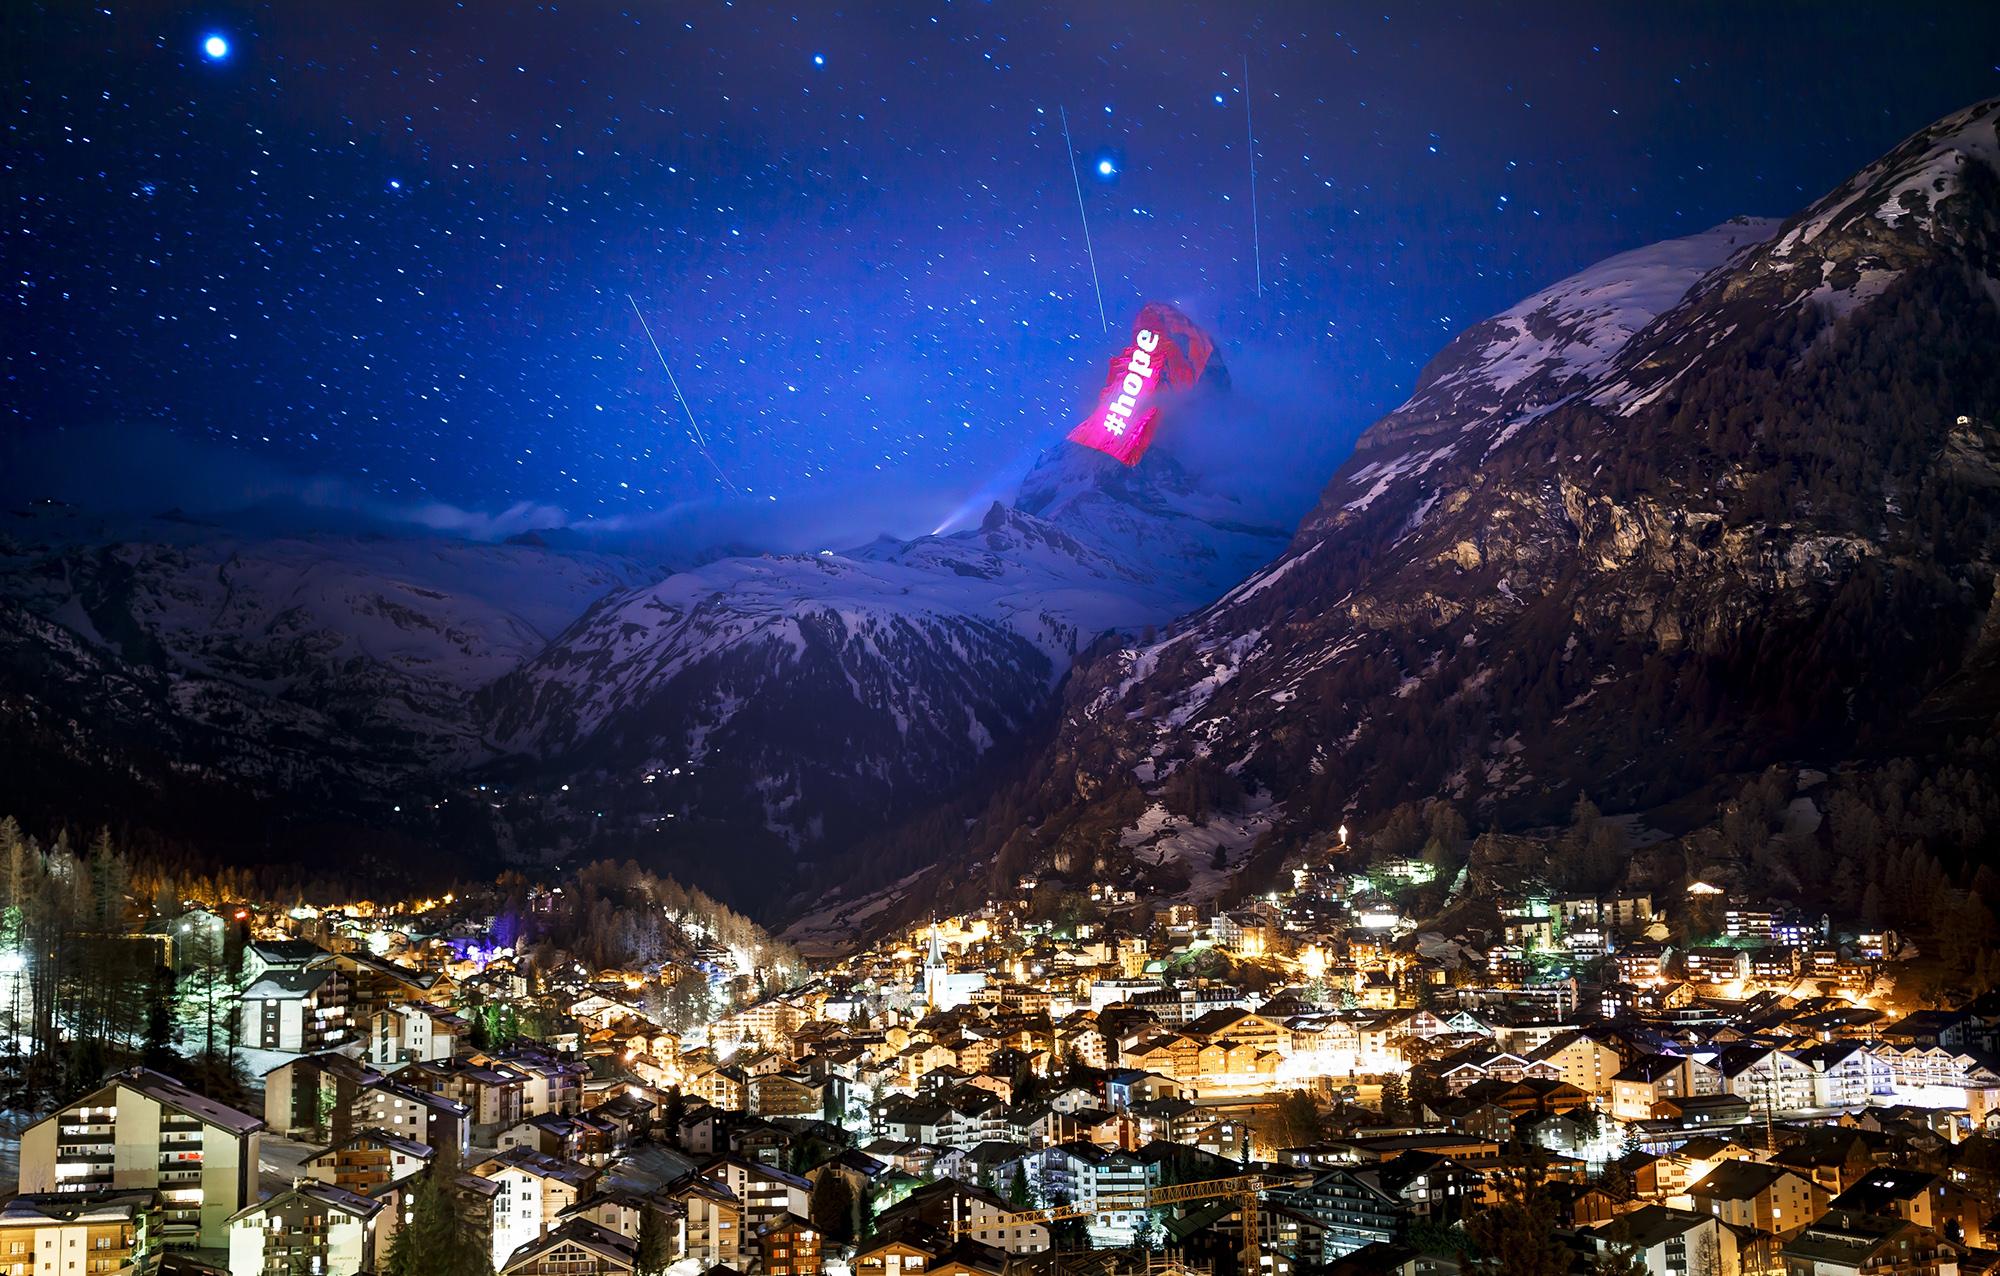 Проекция навершине горы знаменитой горы Маттерхорн